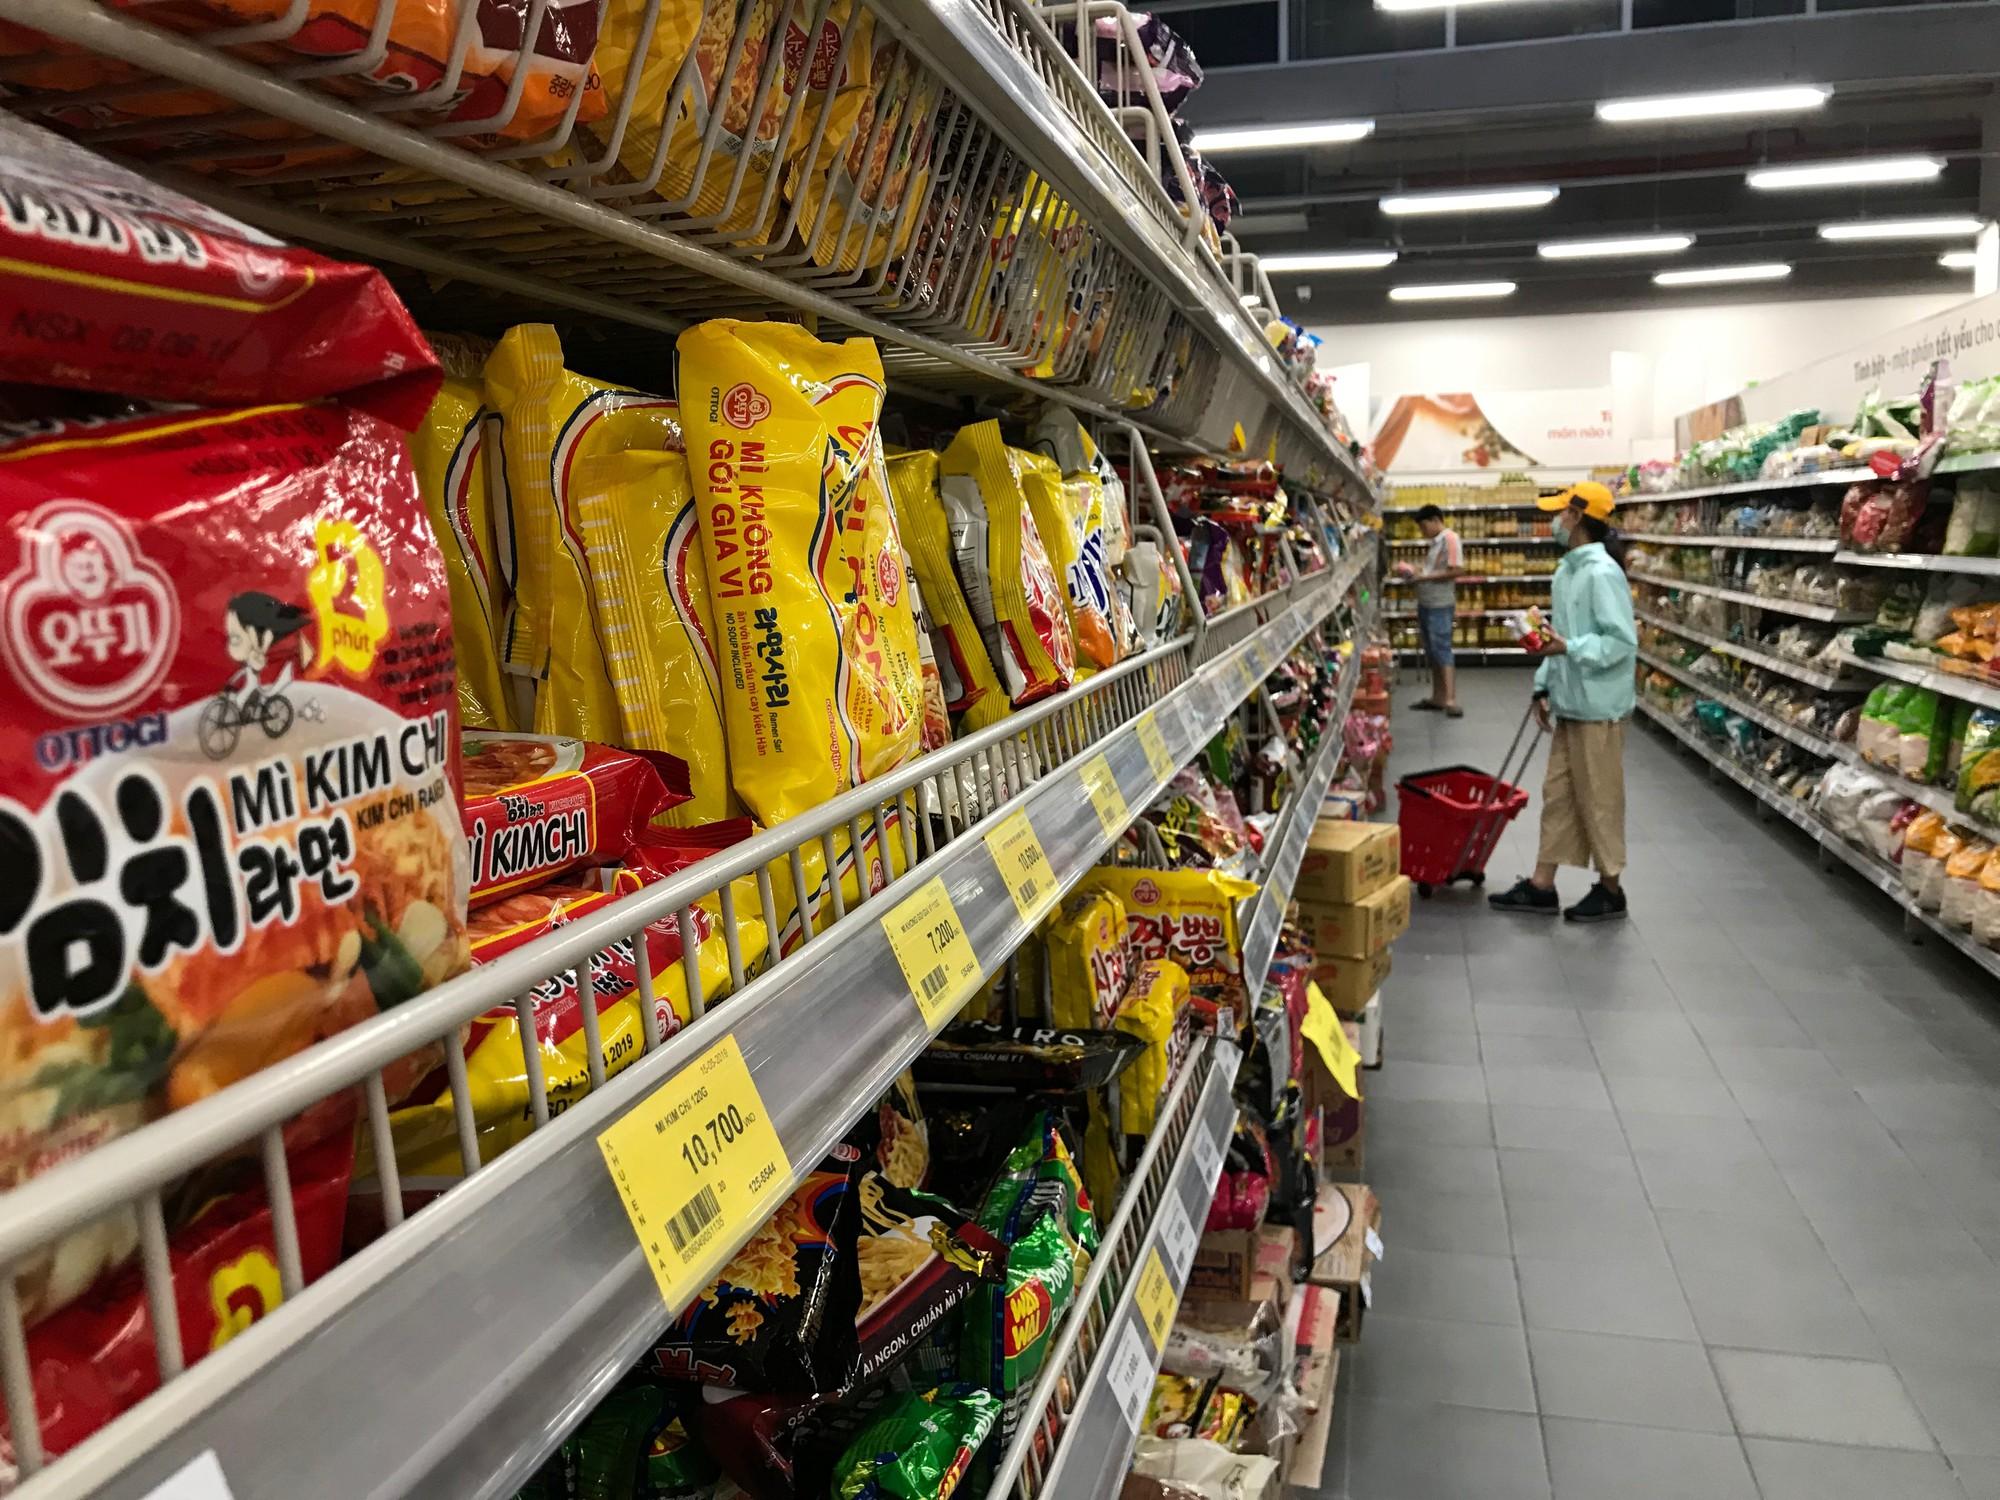 Siêu thị Auchan vắng vẻ sau tuyên bố rút khỏi Việt Nam, gấp rút xả hàng để đóng cửa đầu tháng 6 tới  - Ảnh 3.